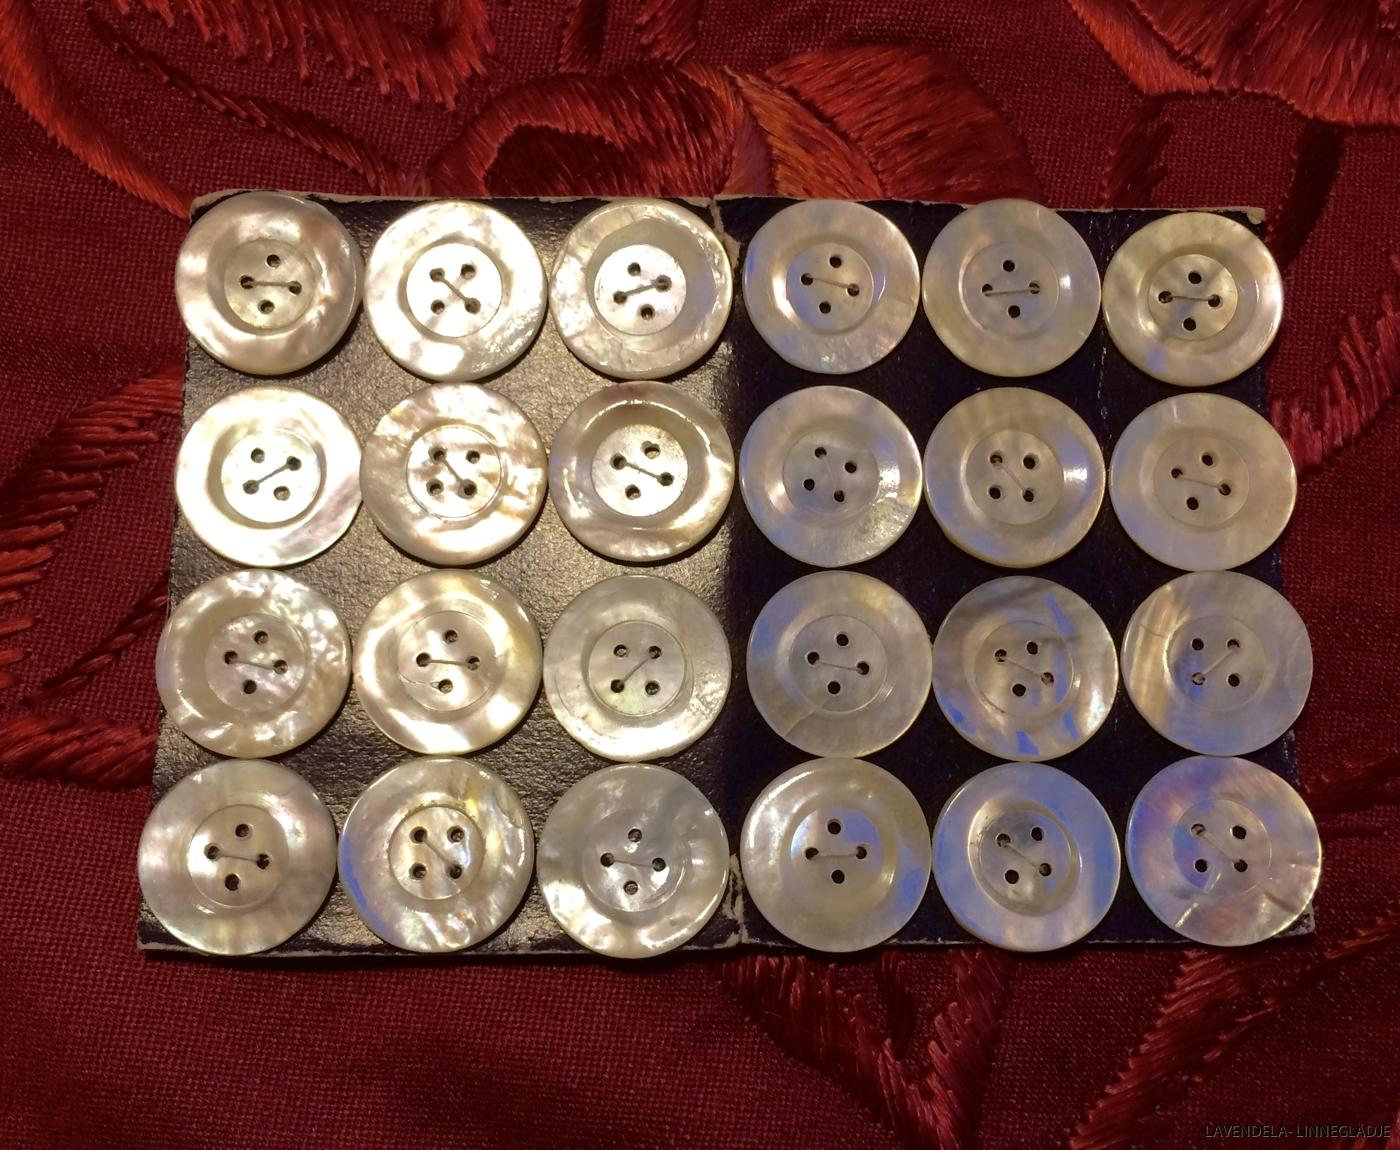 24 stycken pärlemoknappar.